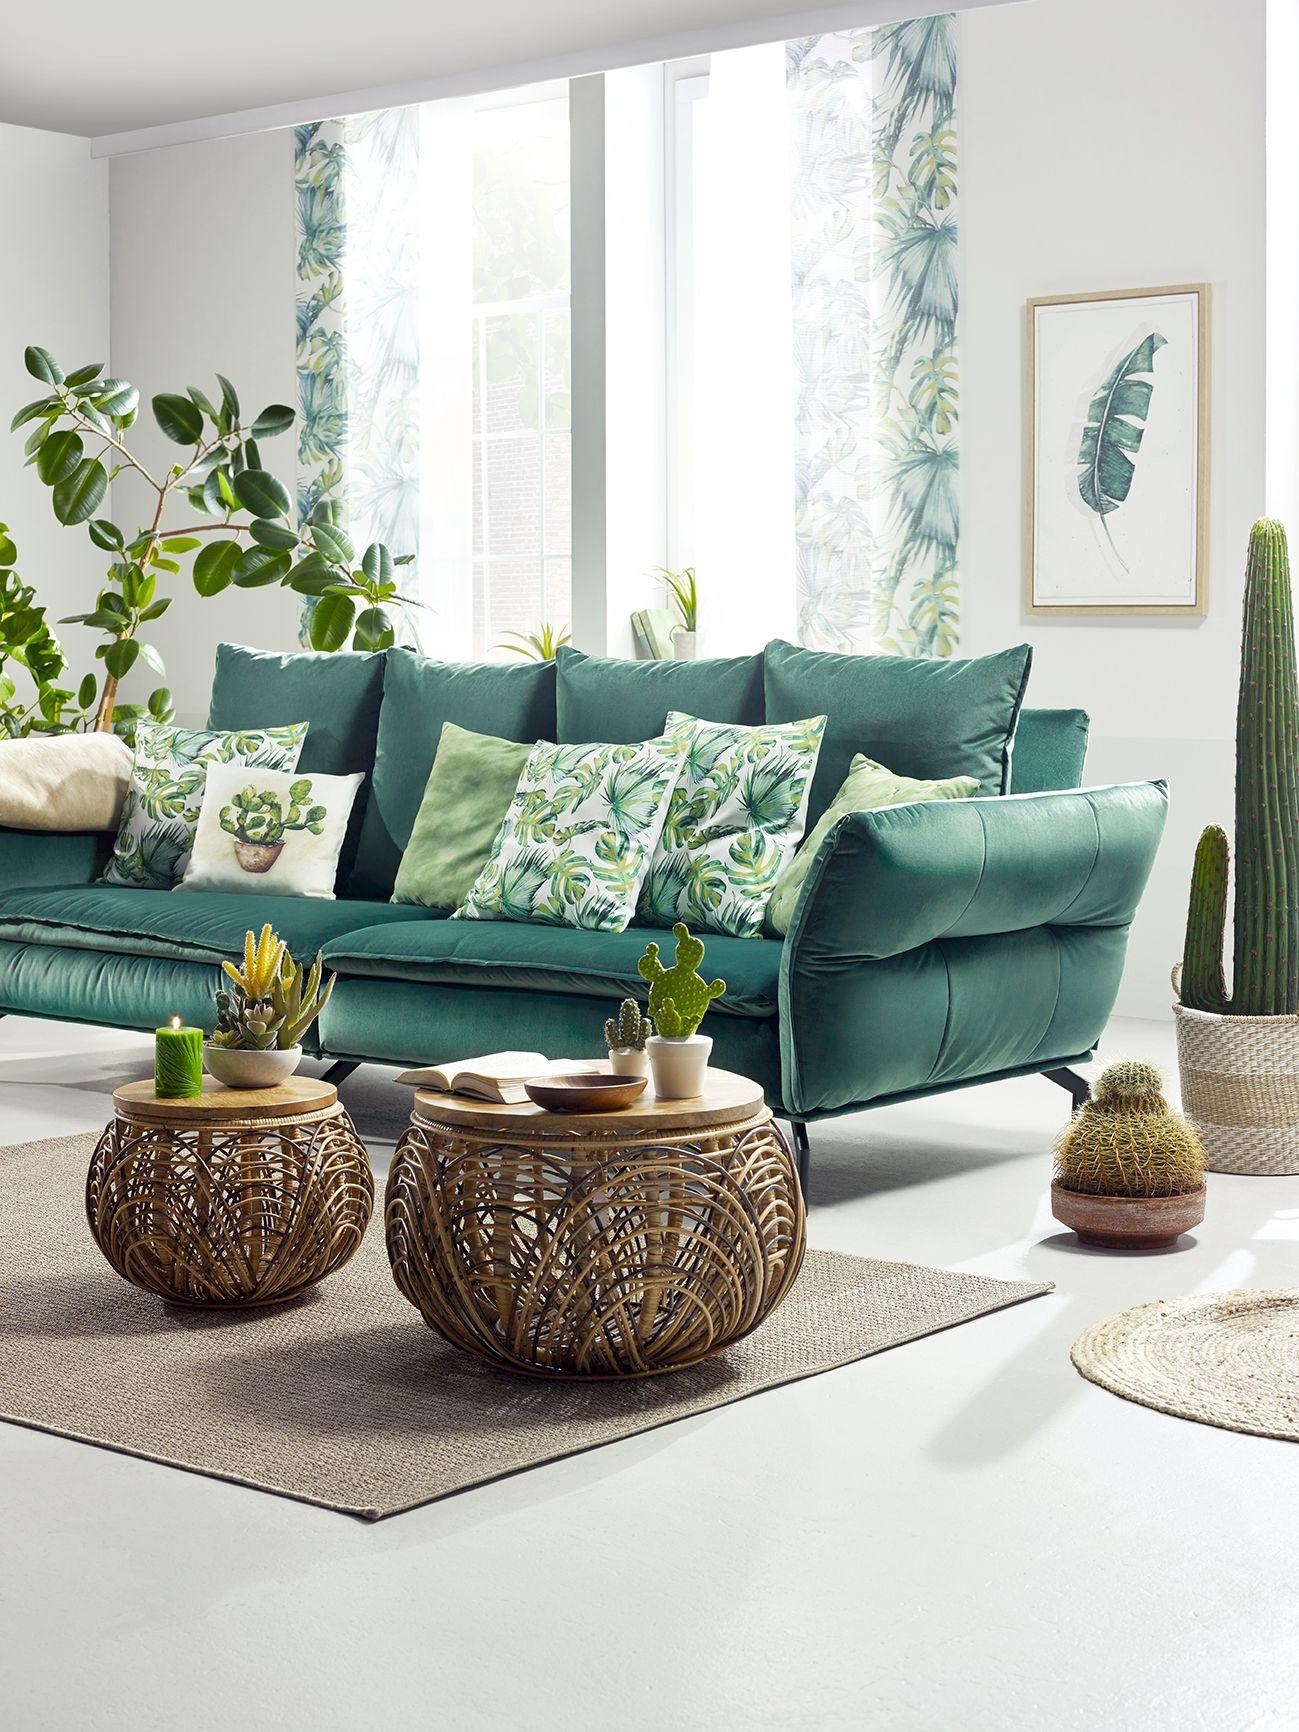 Megasofa In Grun Mit Kissen Online Kaufen Grune Wohnzimmer Wohnzimmer Ideen Gemutlich Couch Grun